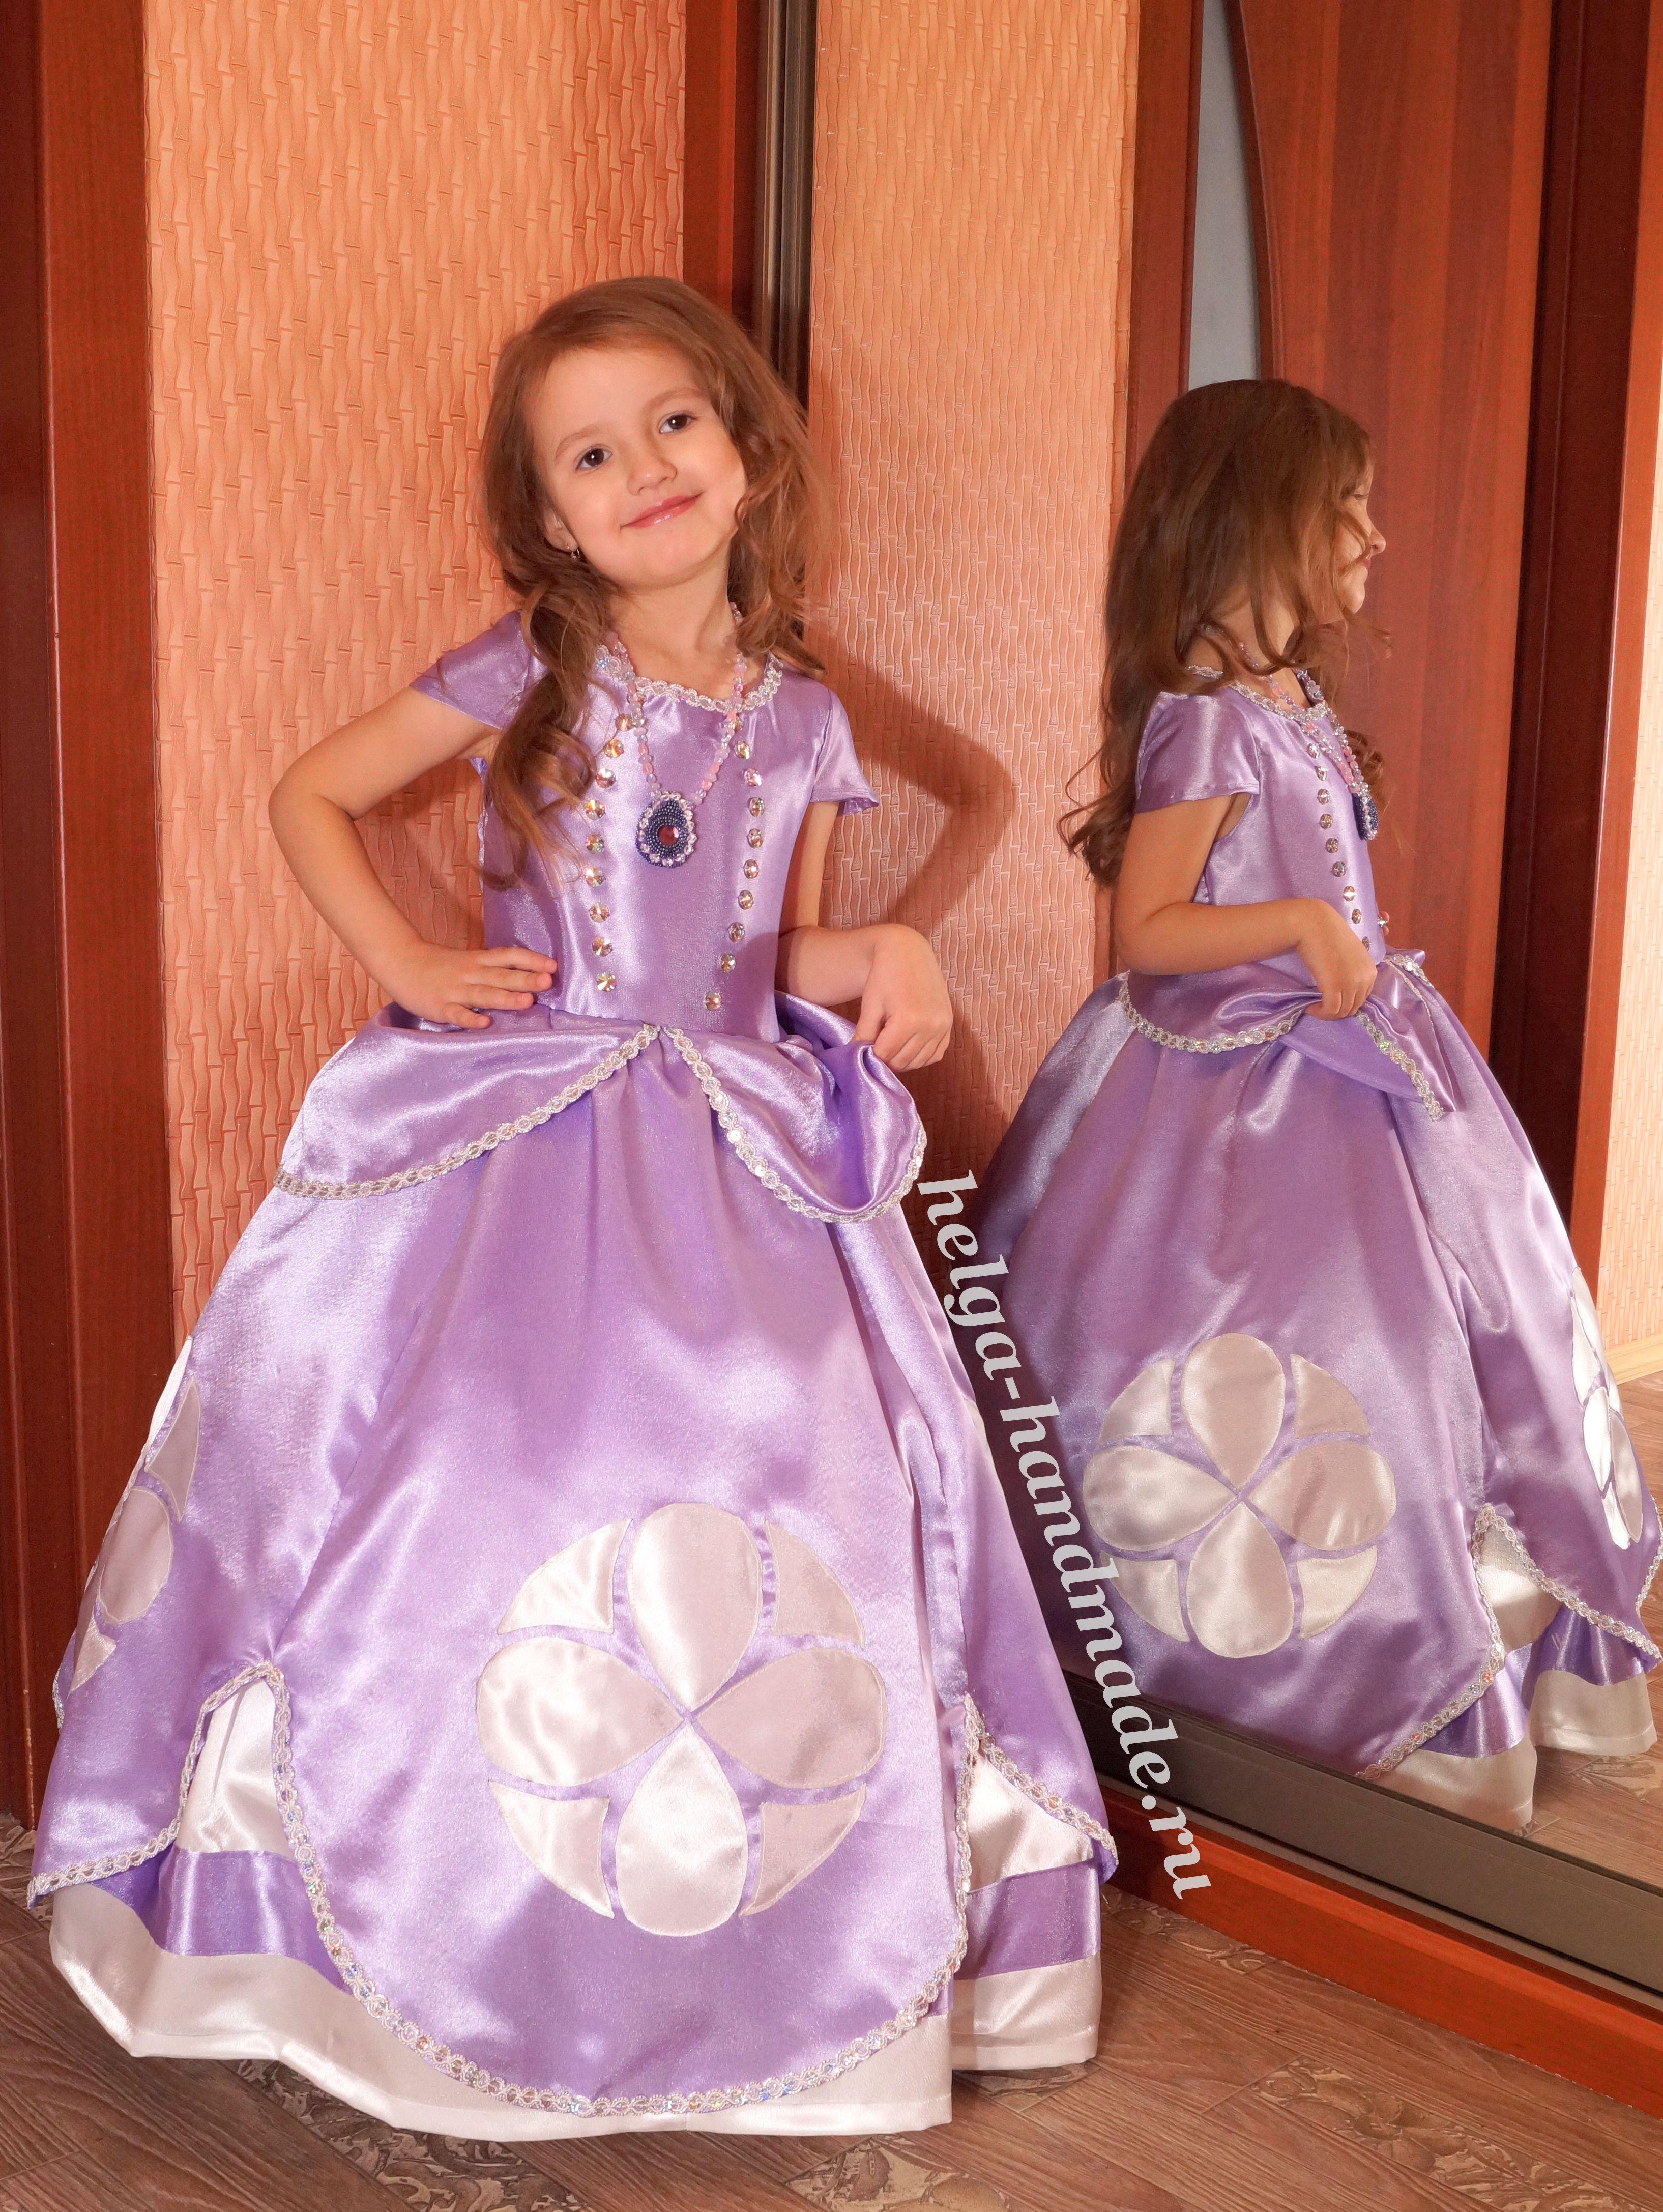 a2807fb2 Шьем платье Принцессы Софии из мультика «София Прекрасная» своими руками,  мастер-класс